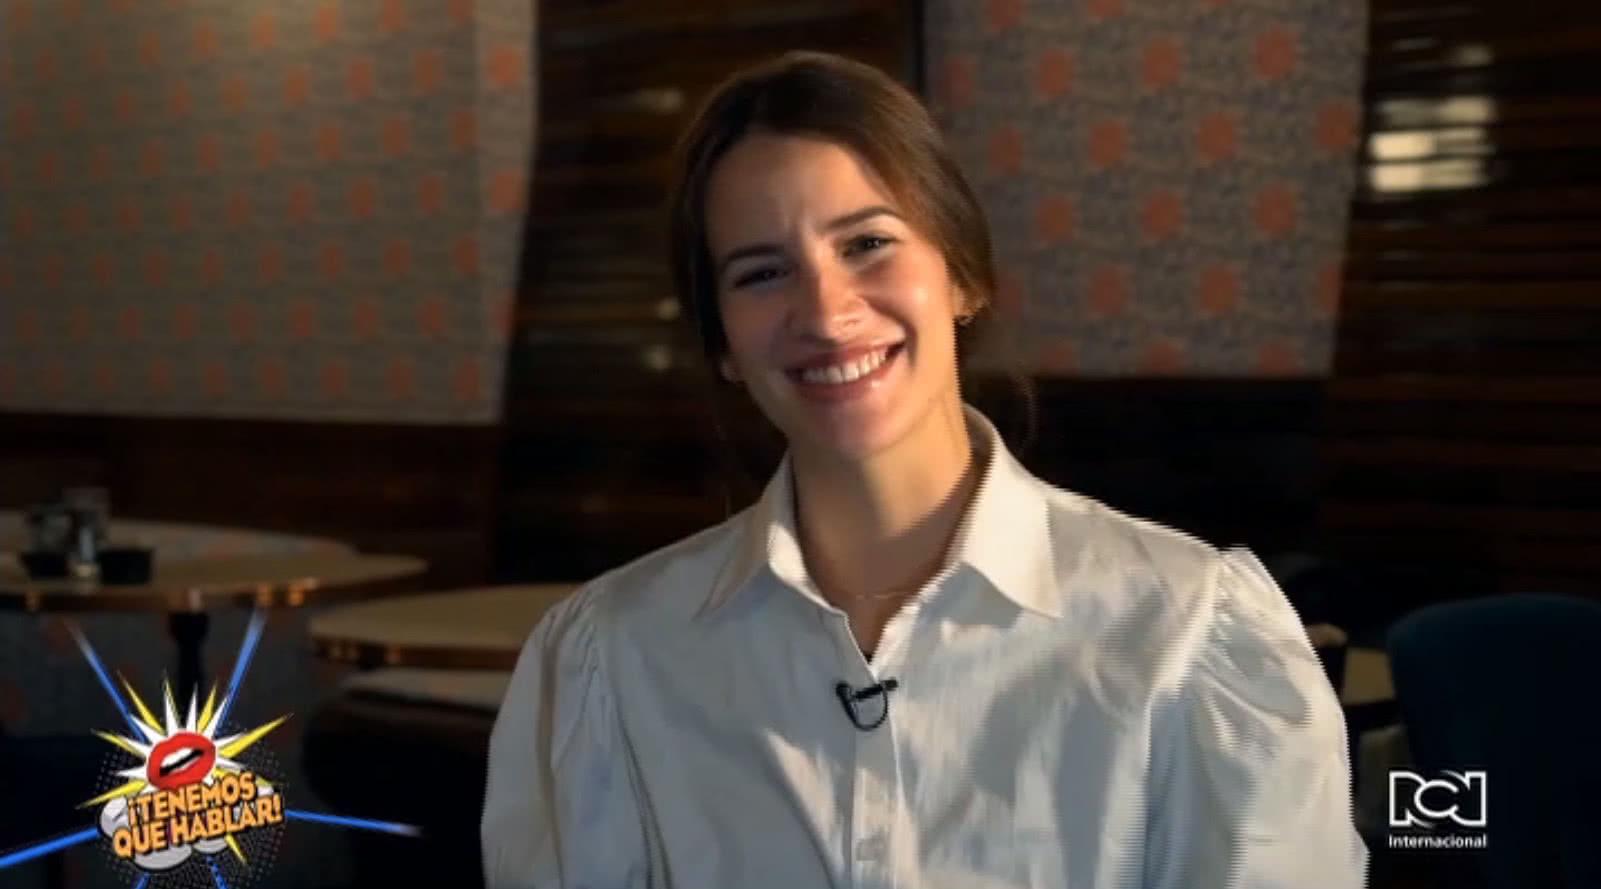 """""""Es maravilloso tener una voz en medio de esta sinfonía"""": Laura Londoño sobre su participación en Café con aroma de mujer"""